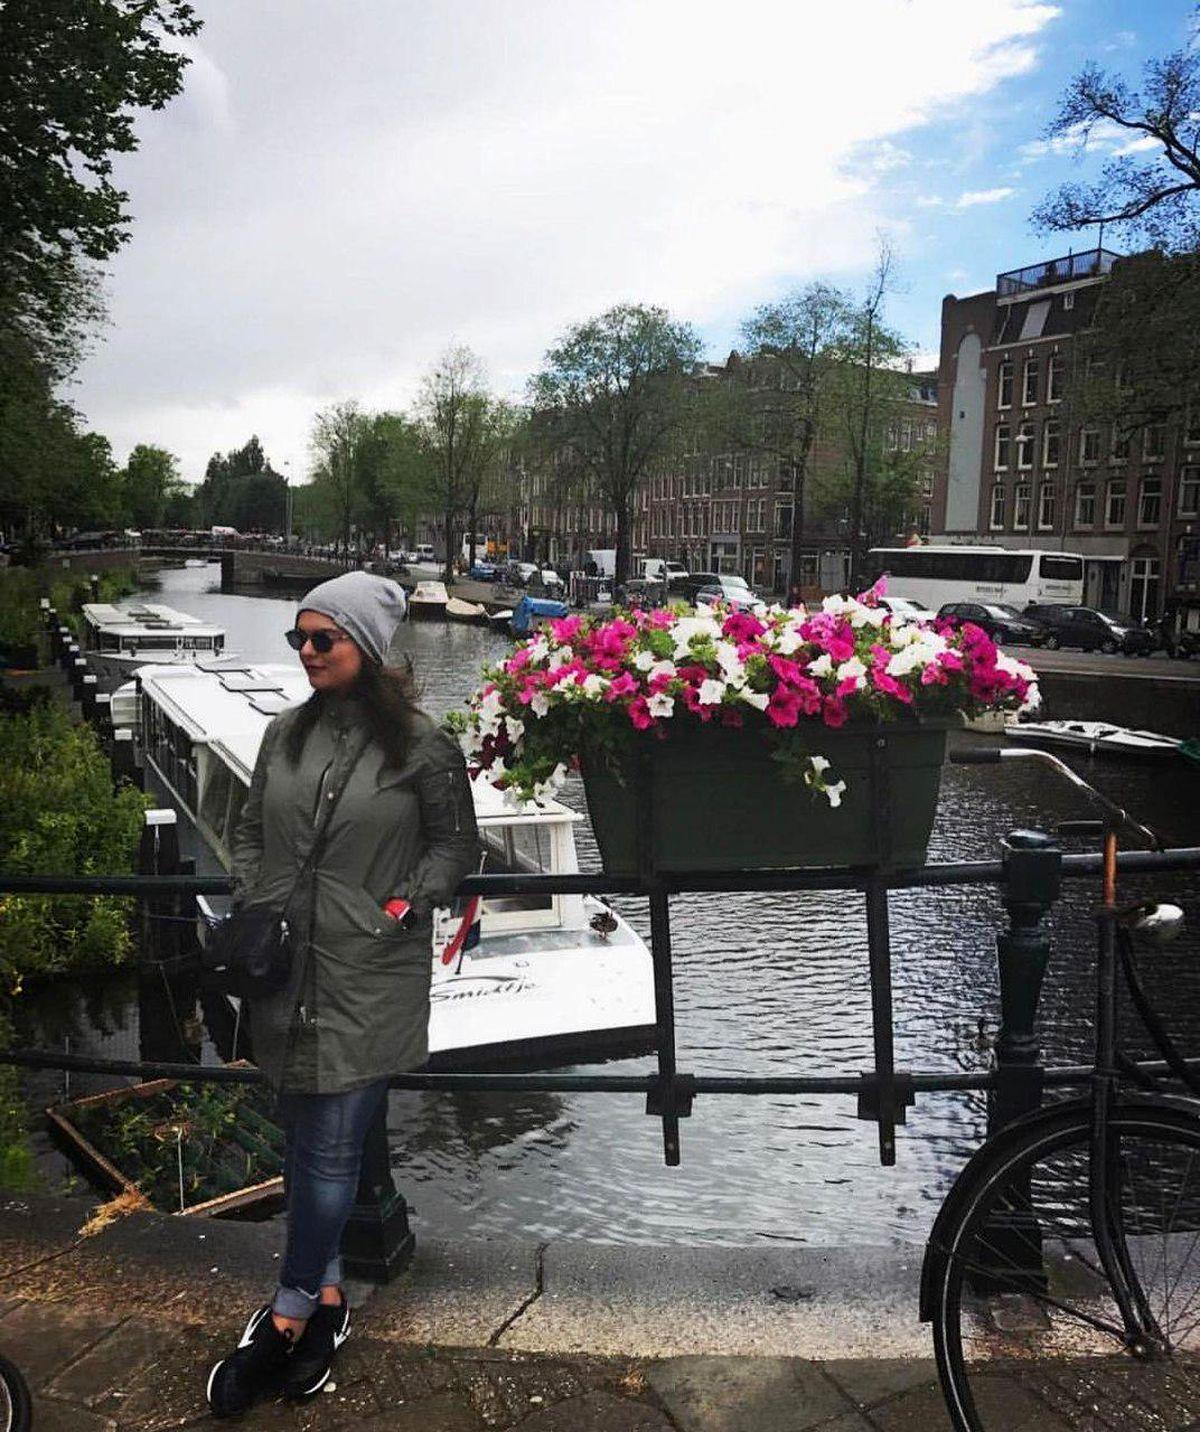 تیپ فشن دنیا مدنی در آمستردام+عکس